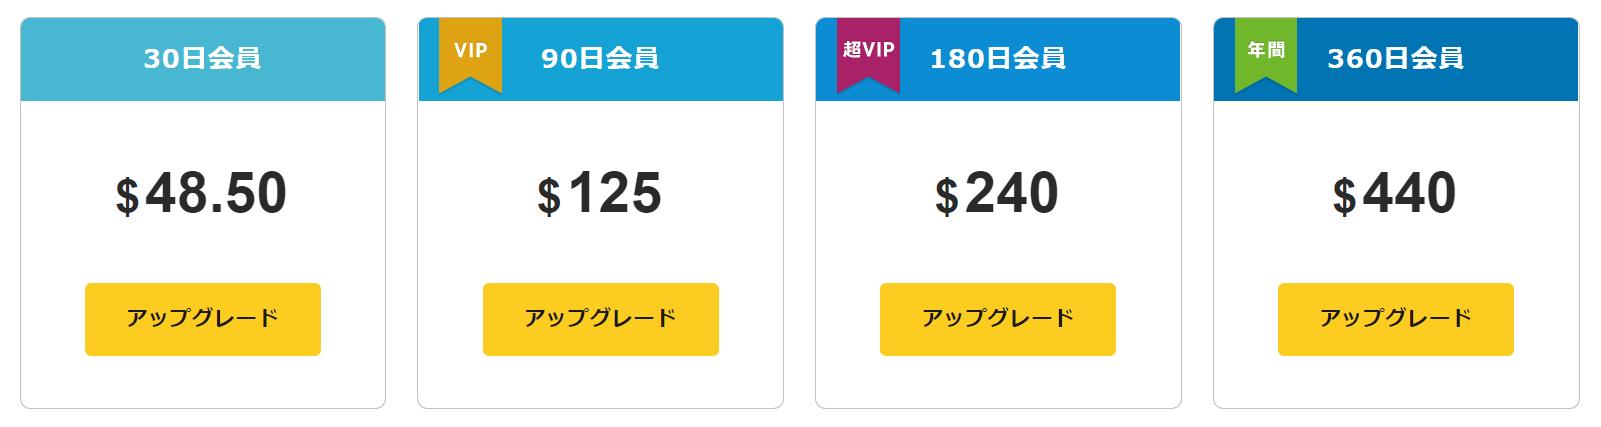 パコパコママの料金プラン比較表・ダウンロードプラン